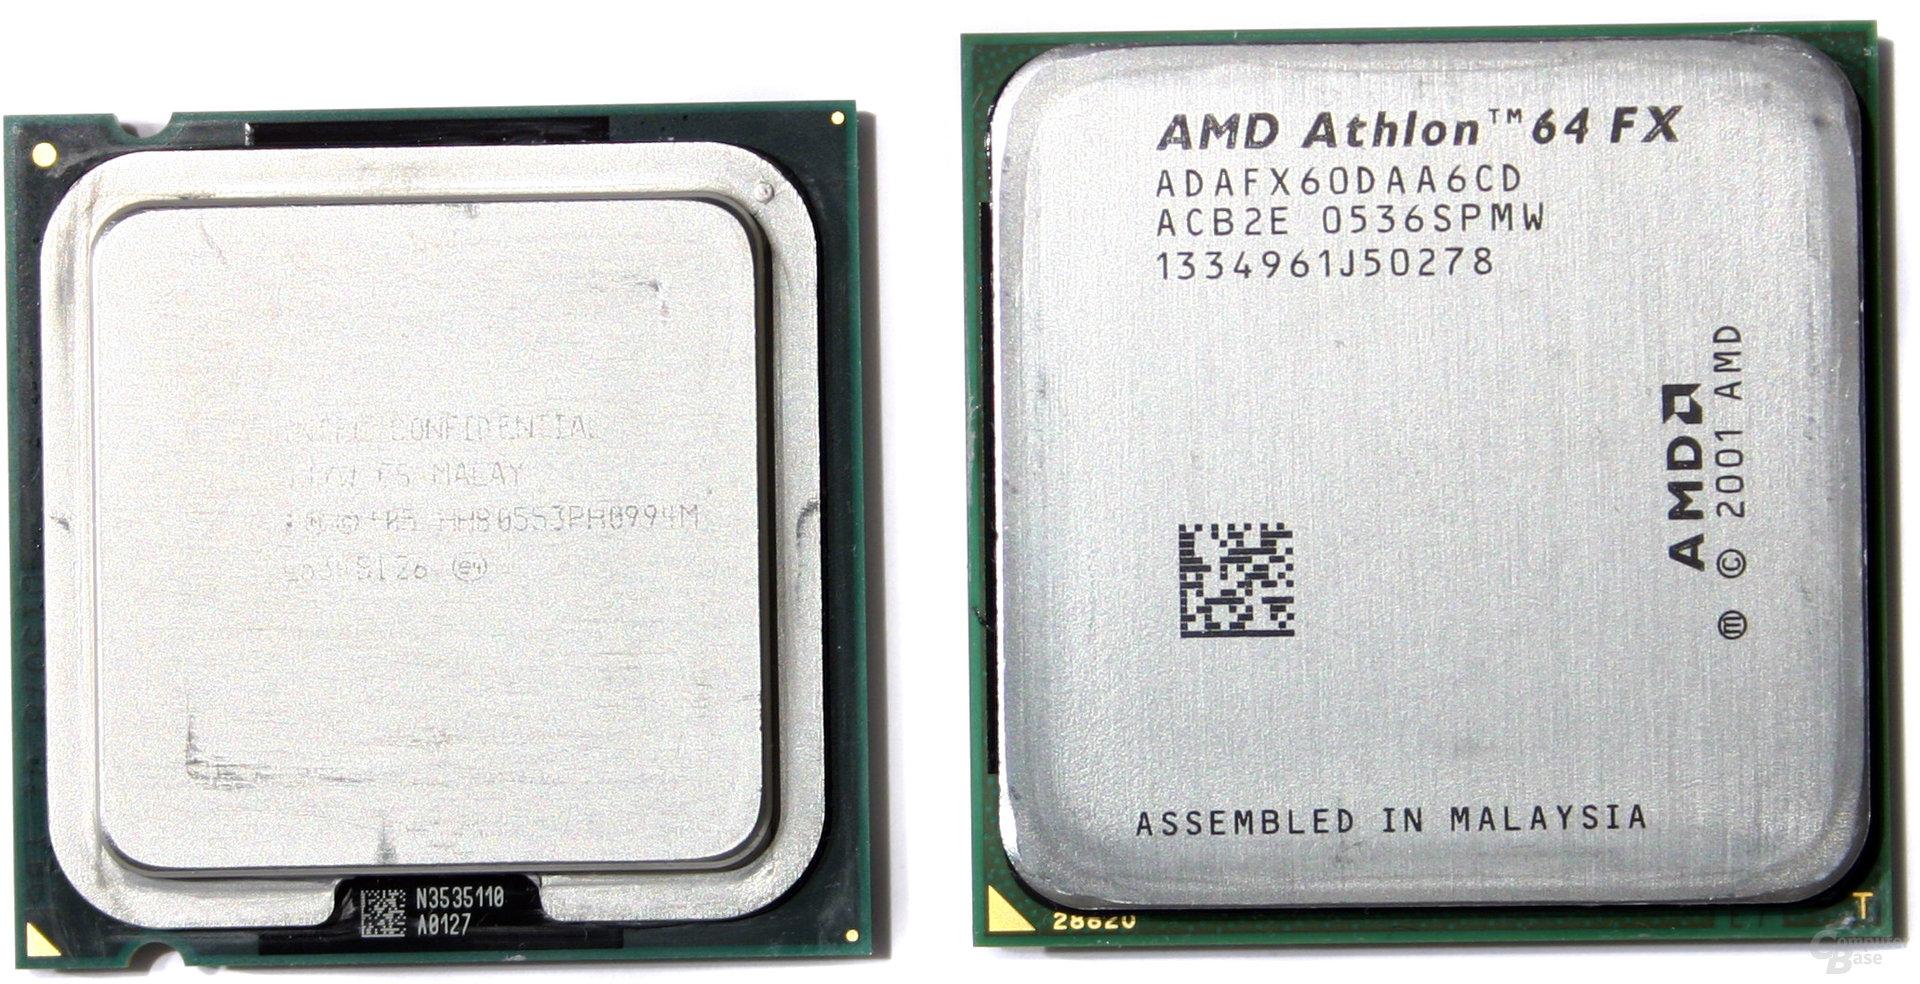 Pentium XE 955 vs. Athlon 64 FX-60